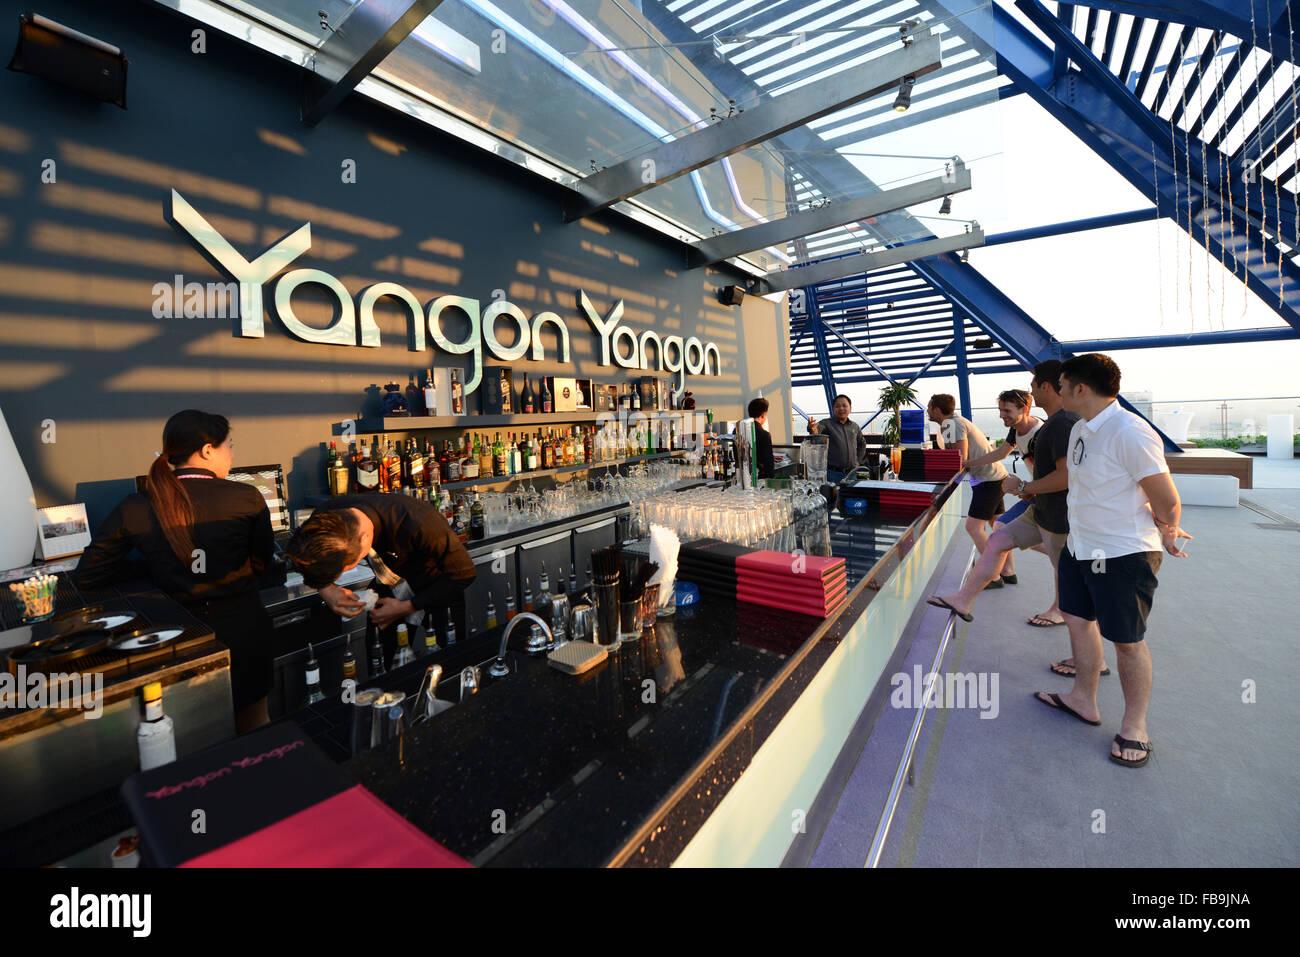 The beautiful 'Yangon Yangon' sky bar in Yangon's city center. - Stock Image